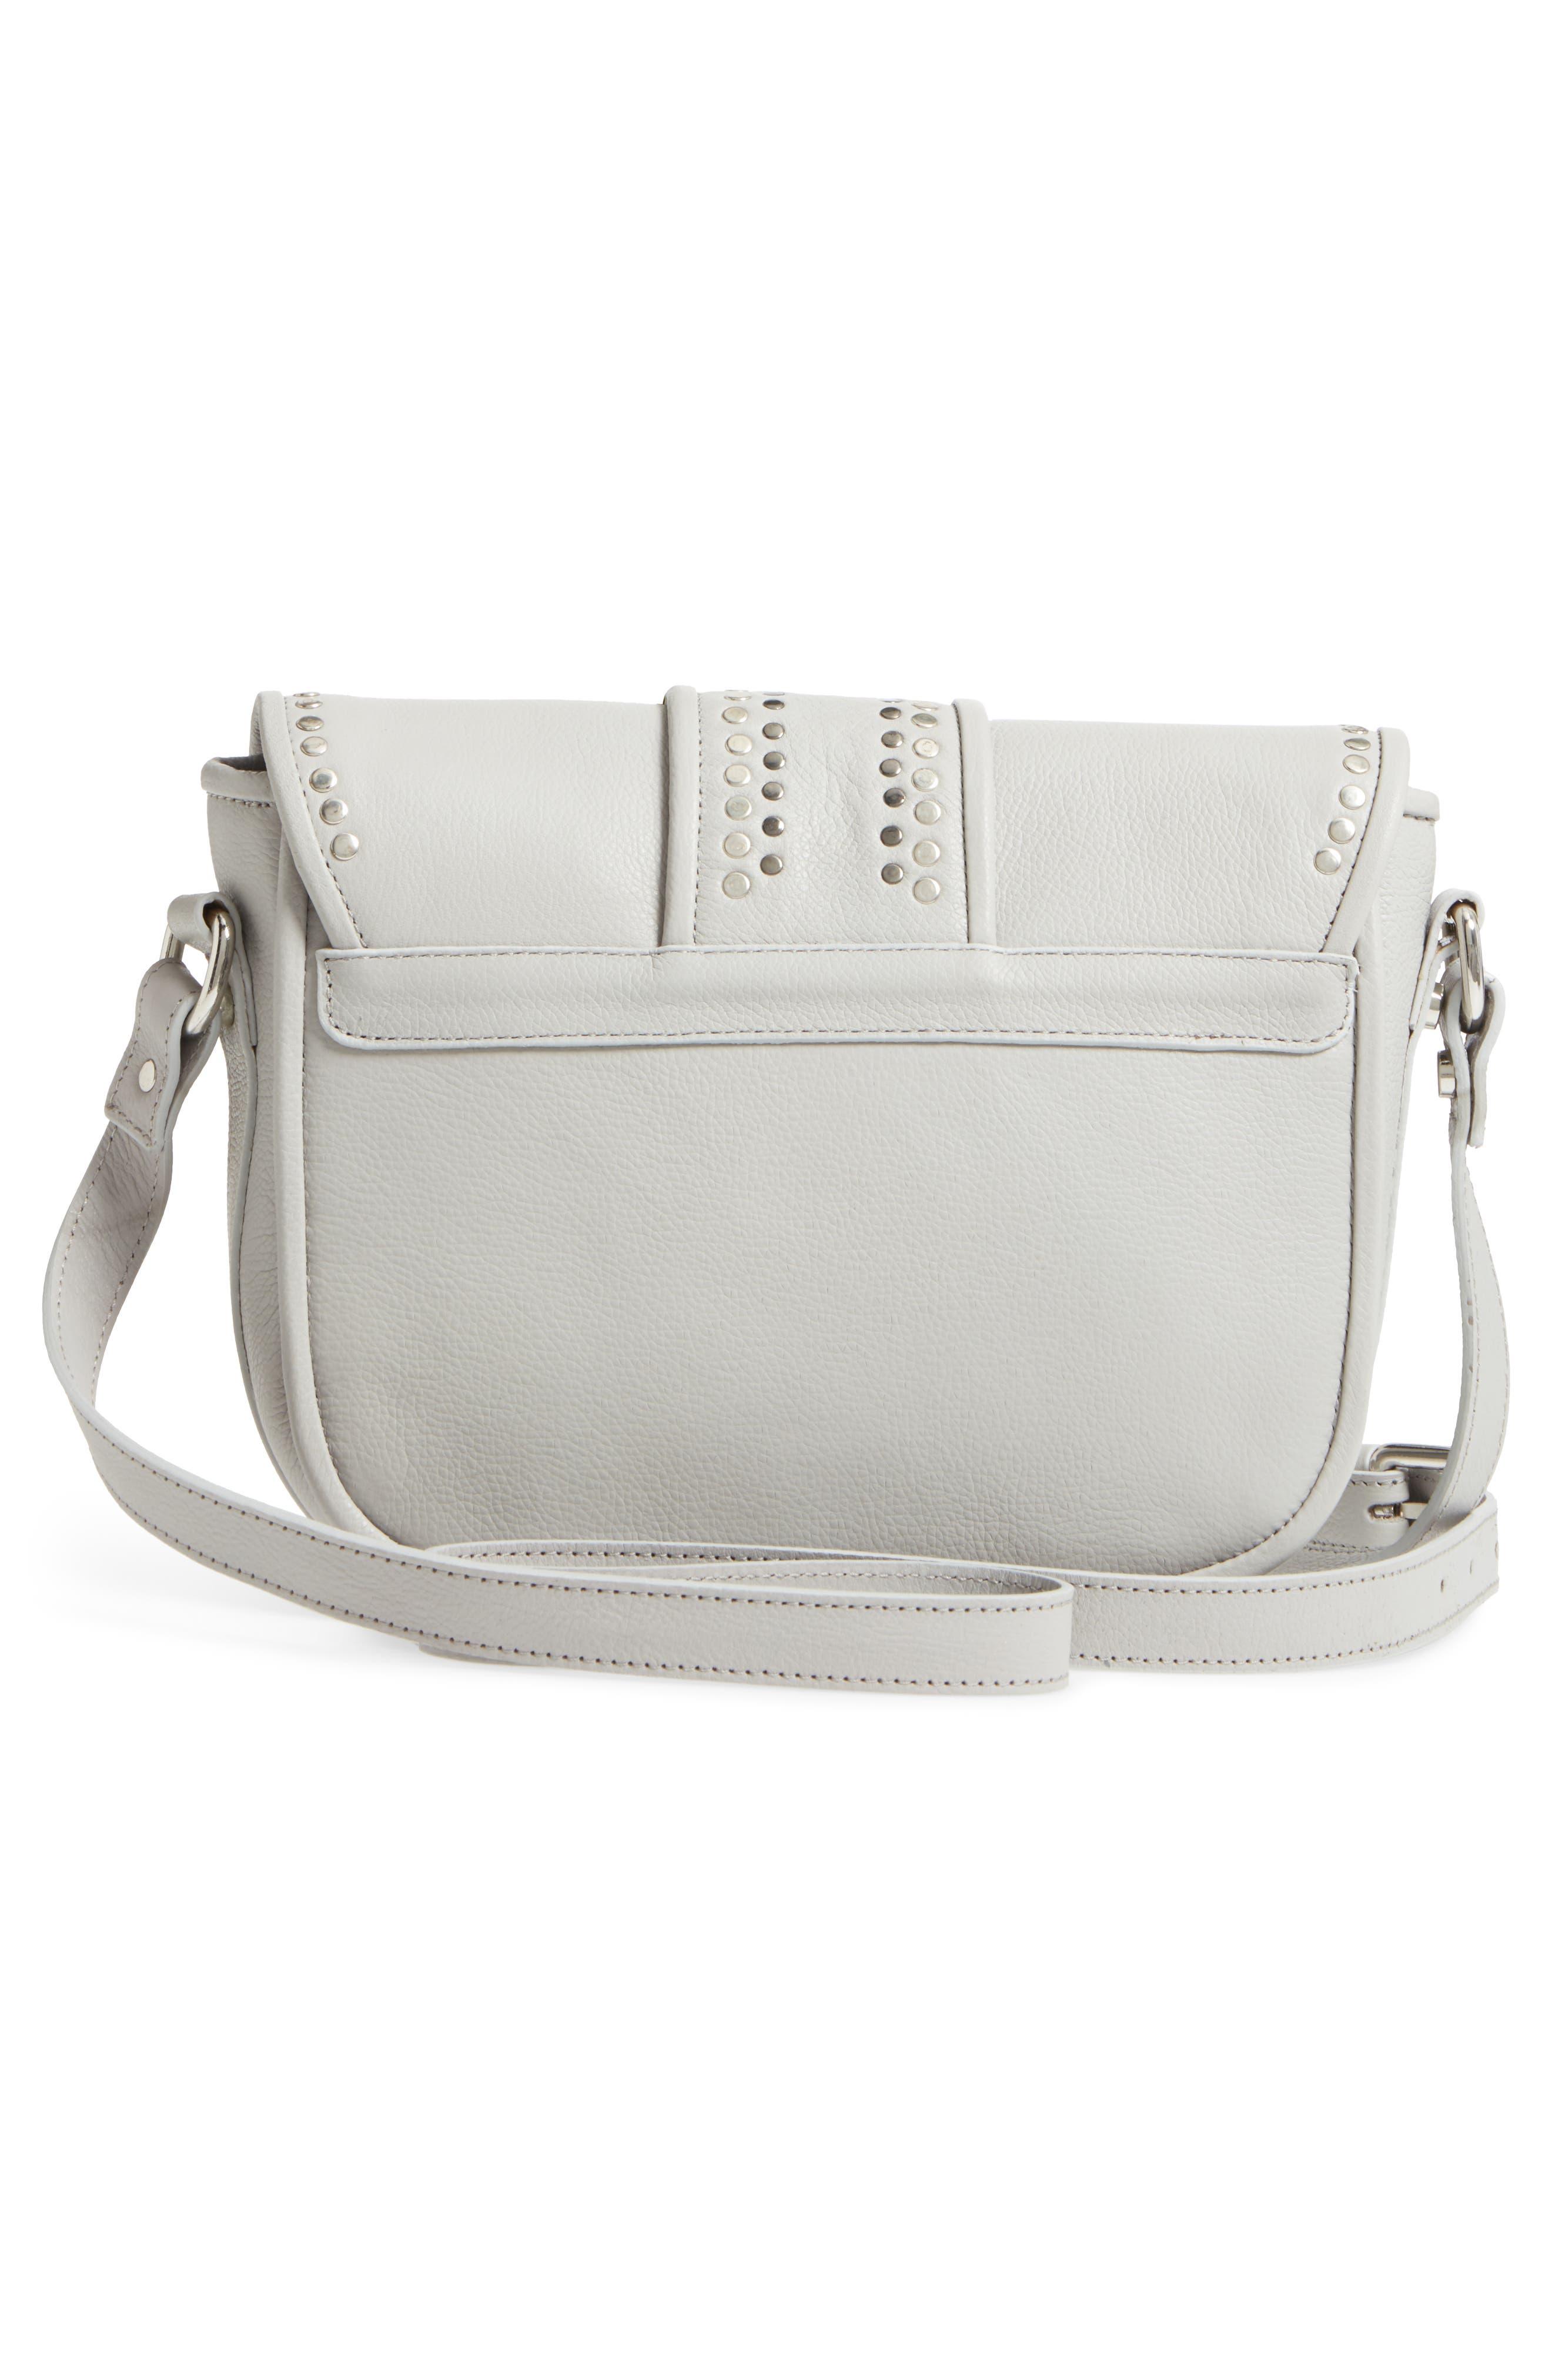 Premium Leather Studded Shoulder Bag,                             Alternate thumbnail 8, color,